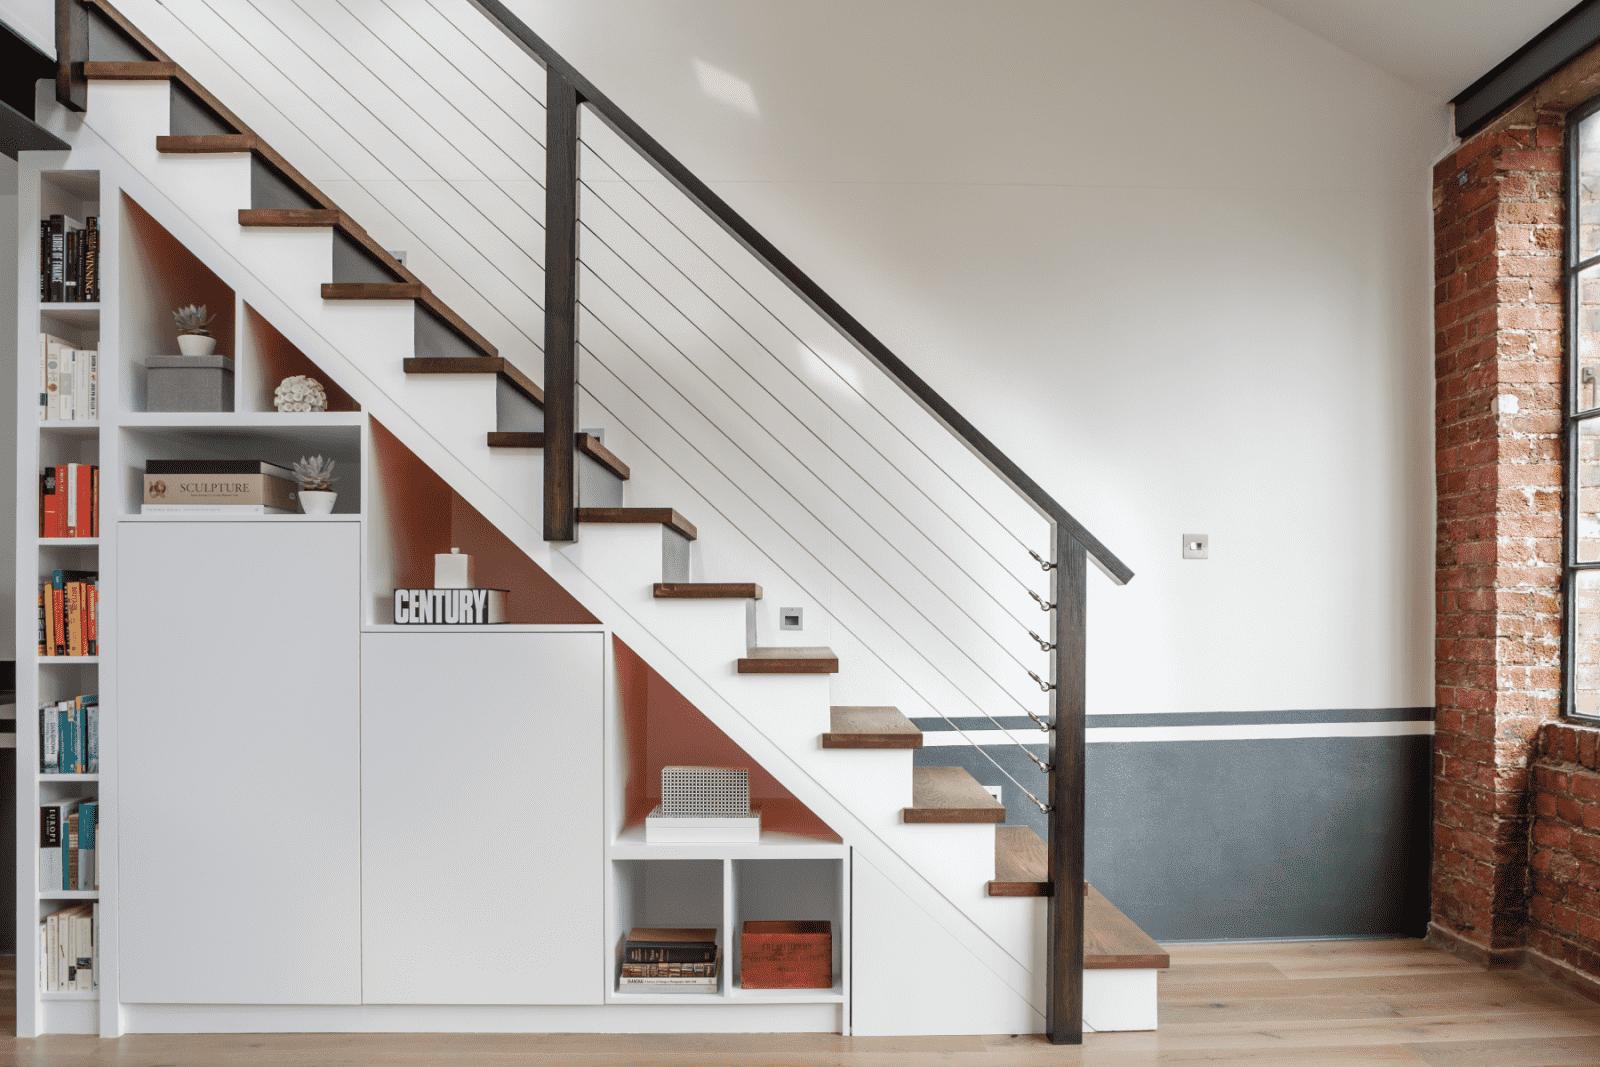 Подсветка лестницы в доме: реальные фото и примеры освещения